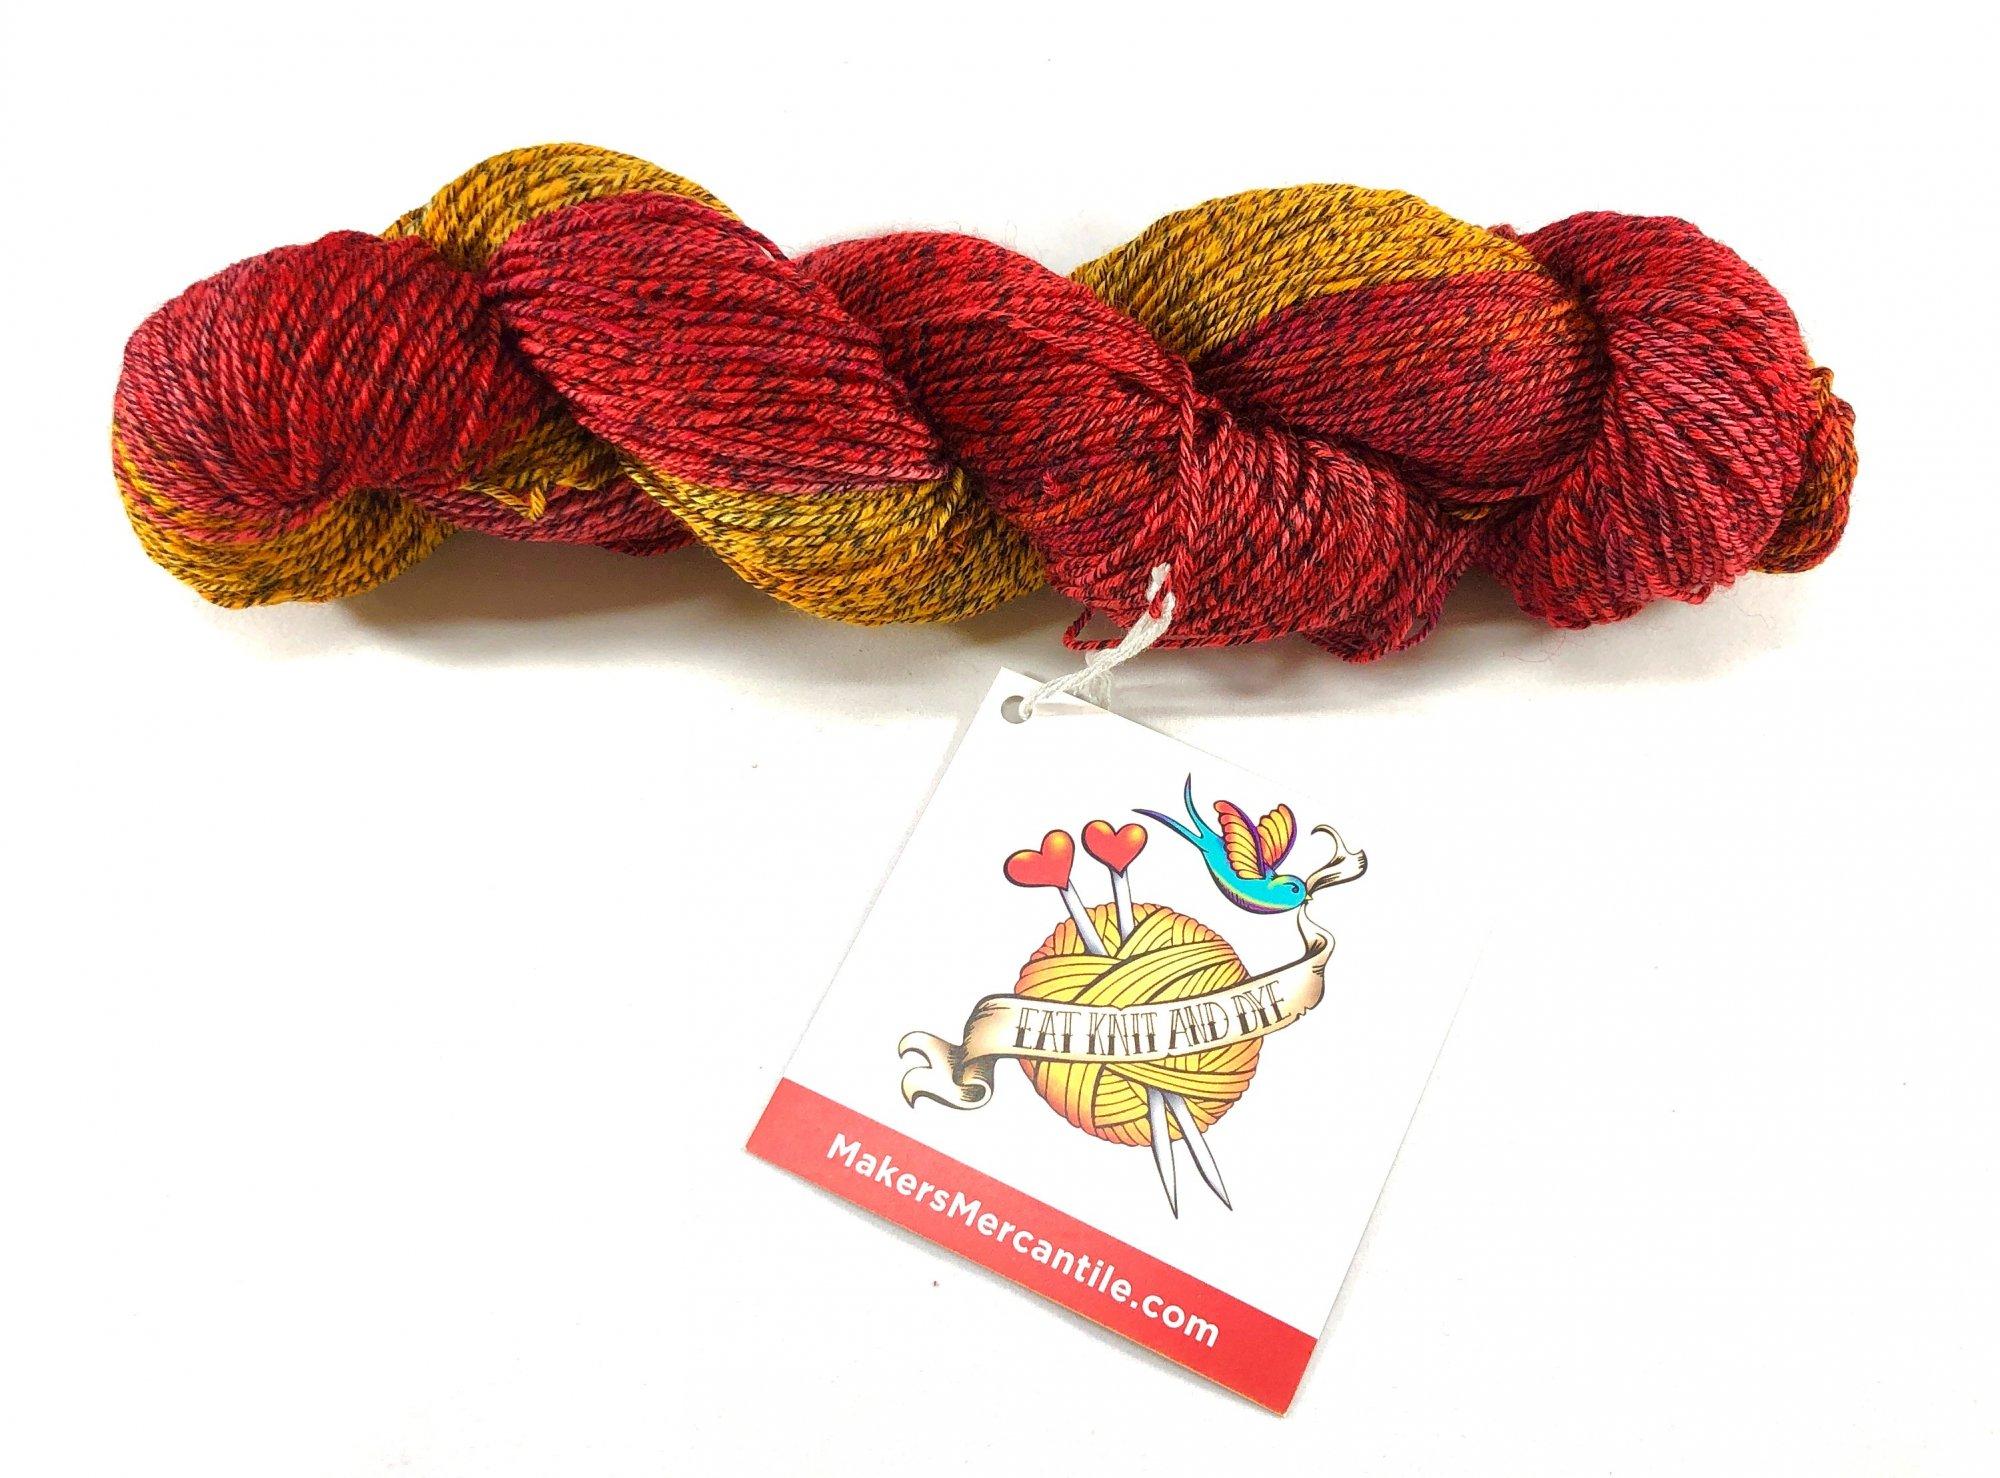 Dye Lab - Hand Dyed Yarn